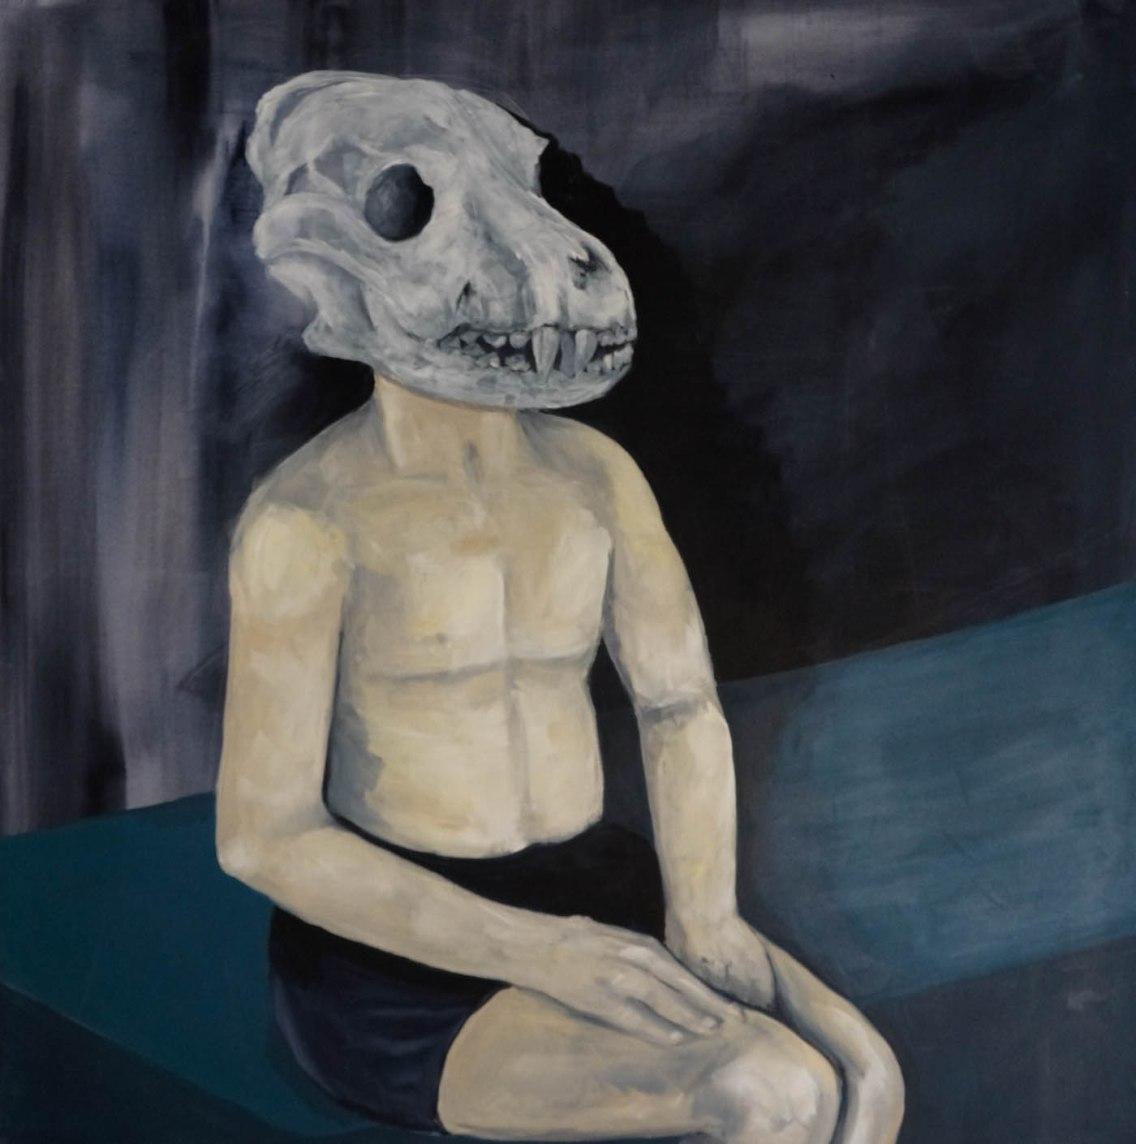 Hamam, 2014, acrylique sur toile, 20 cm x 120 cm